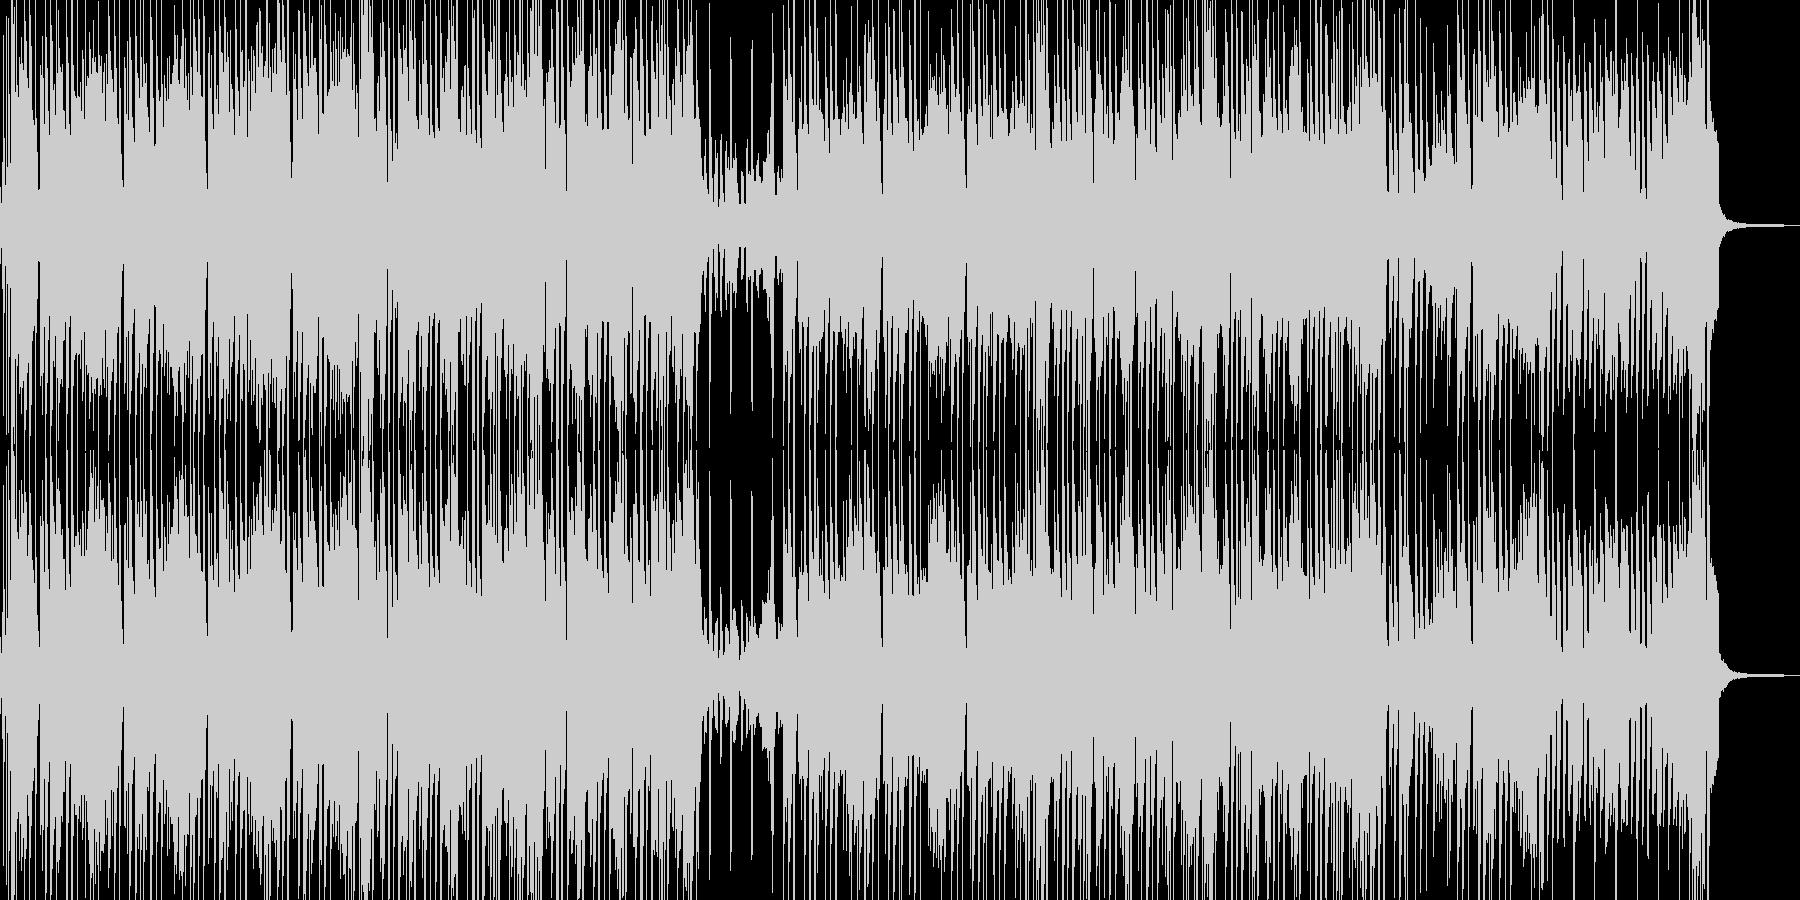 小動物と戯れるイメージのポップスの未再生の波形